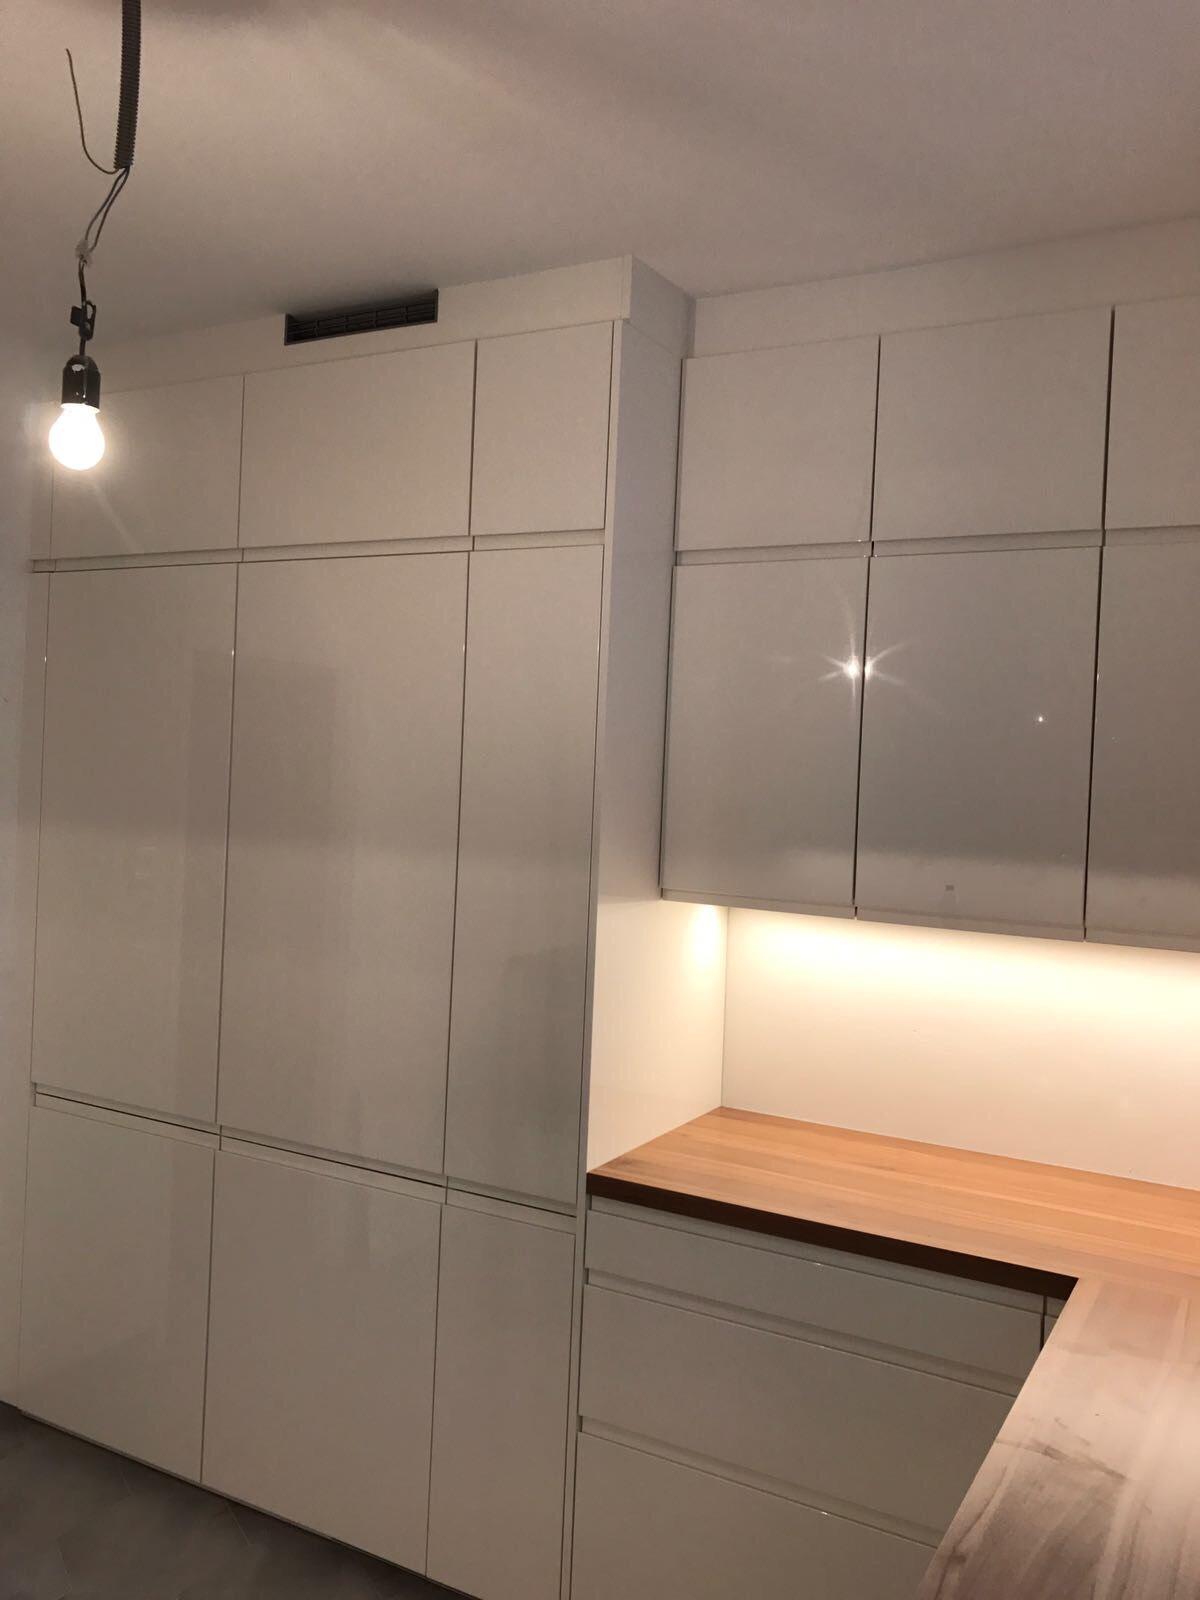 Küchenumzug Kosten ~ küchenmontage acjsilva com